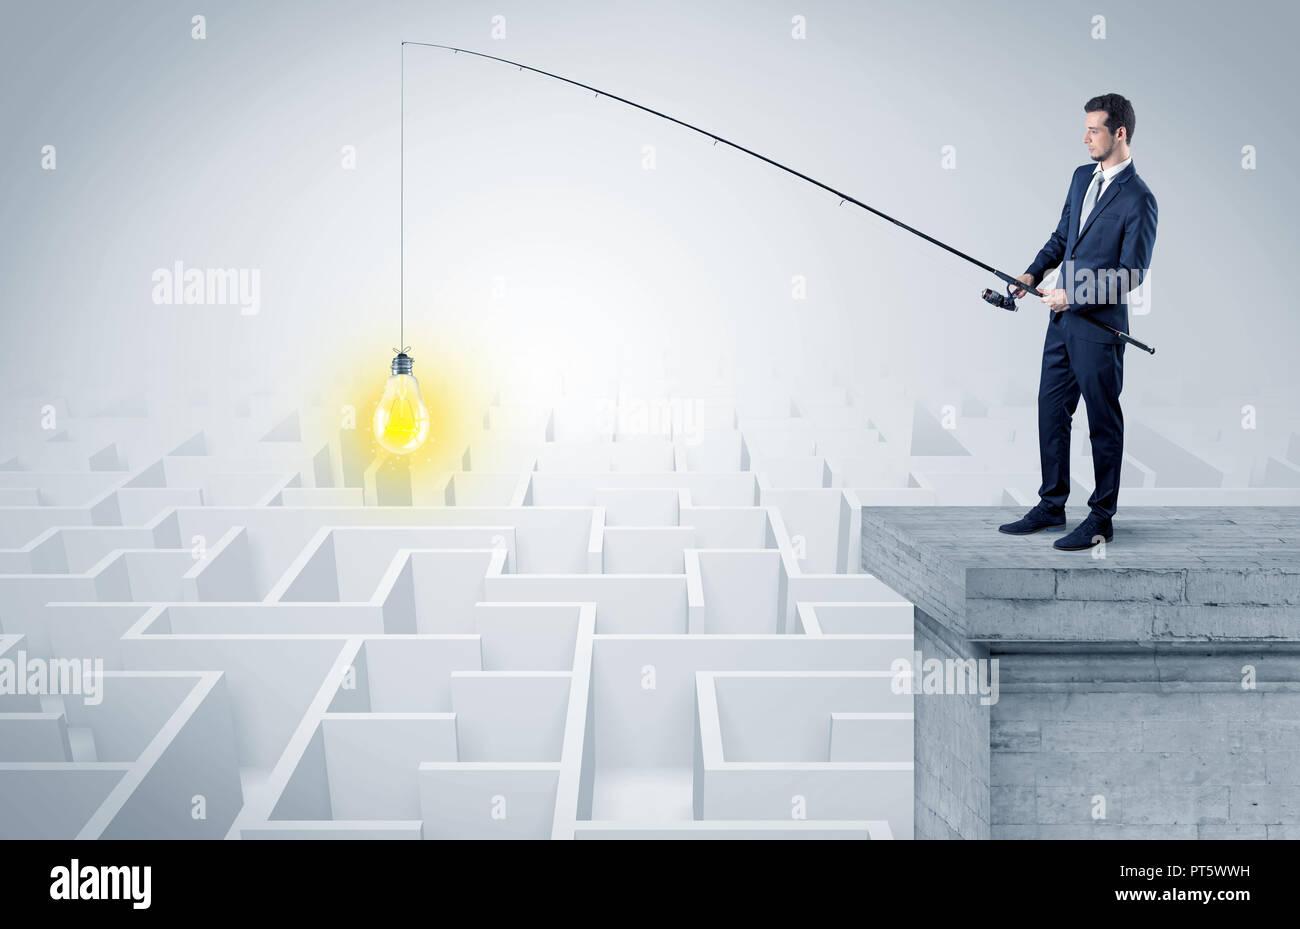 Junge Unternehmer Angeln neue Idee Konzept auf der Oberseite eines Gebäudes von einem Labyrinth Stockbild